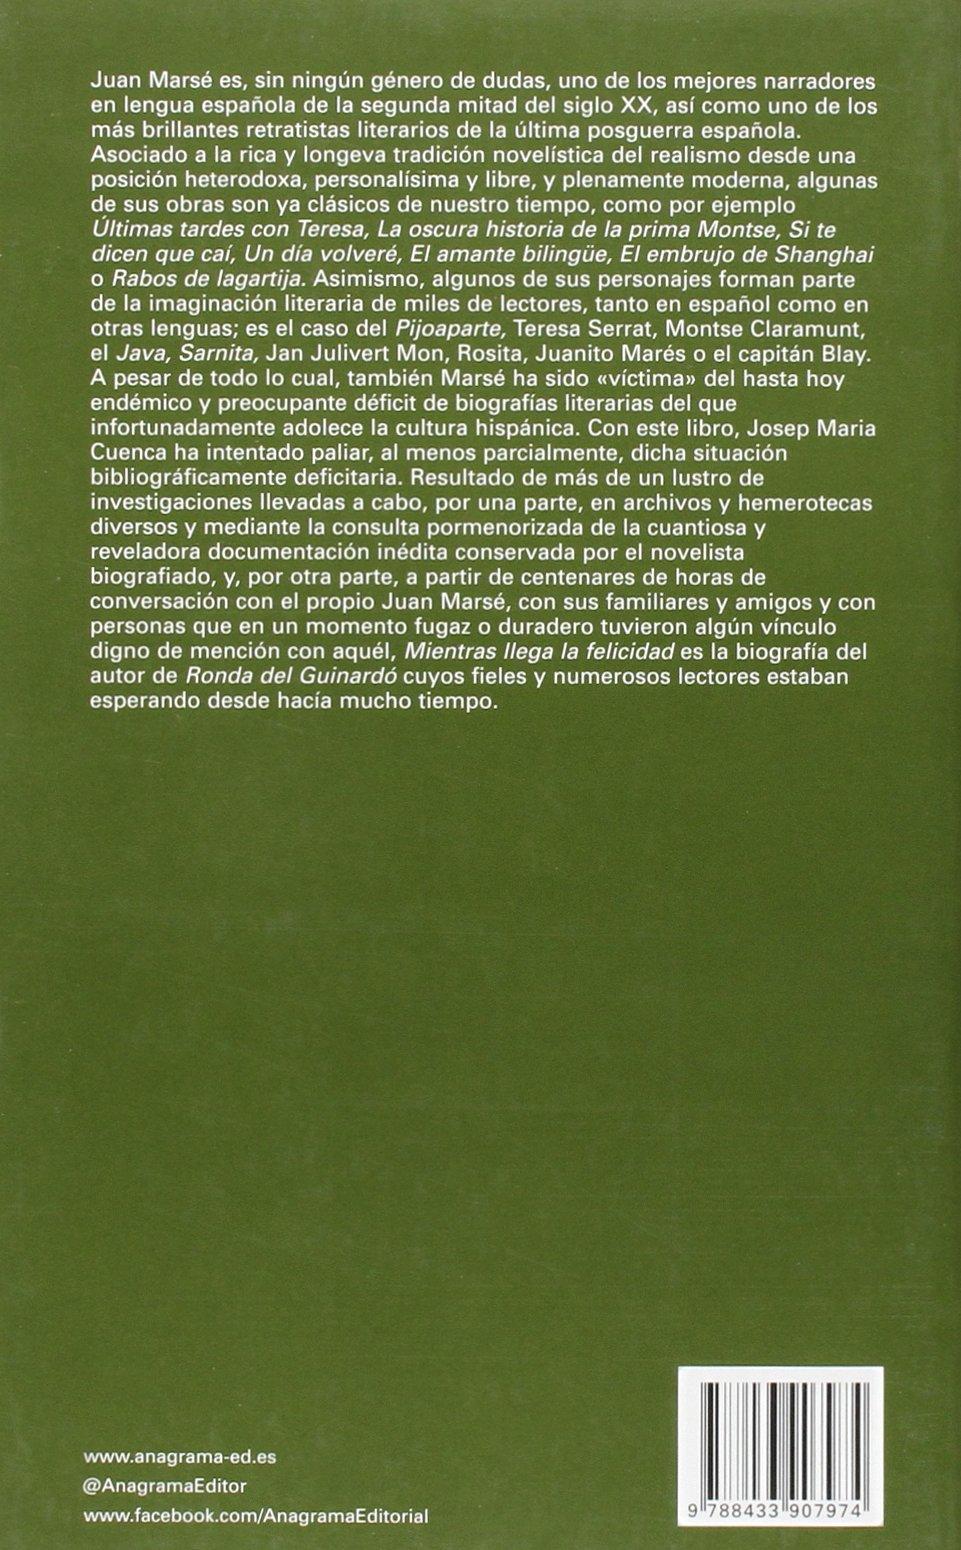 Los nuevos lectores: la formación del lector literario / Pedro C. Cerrillo Torremocha